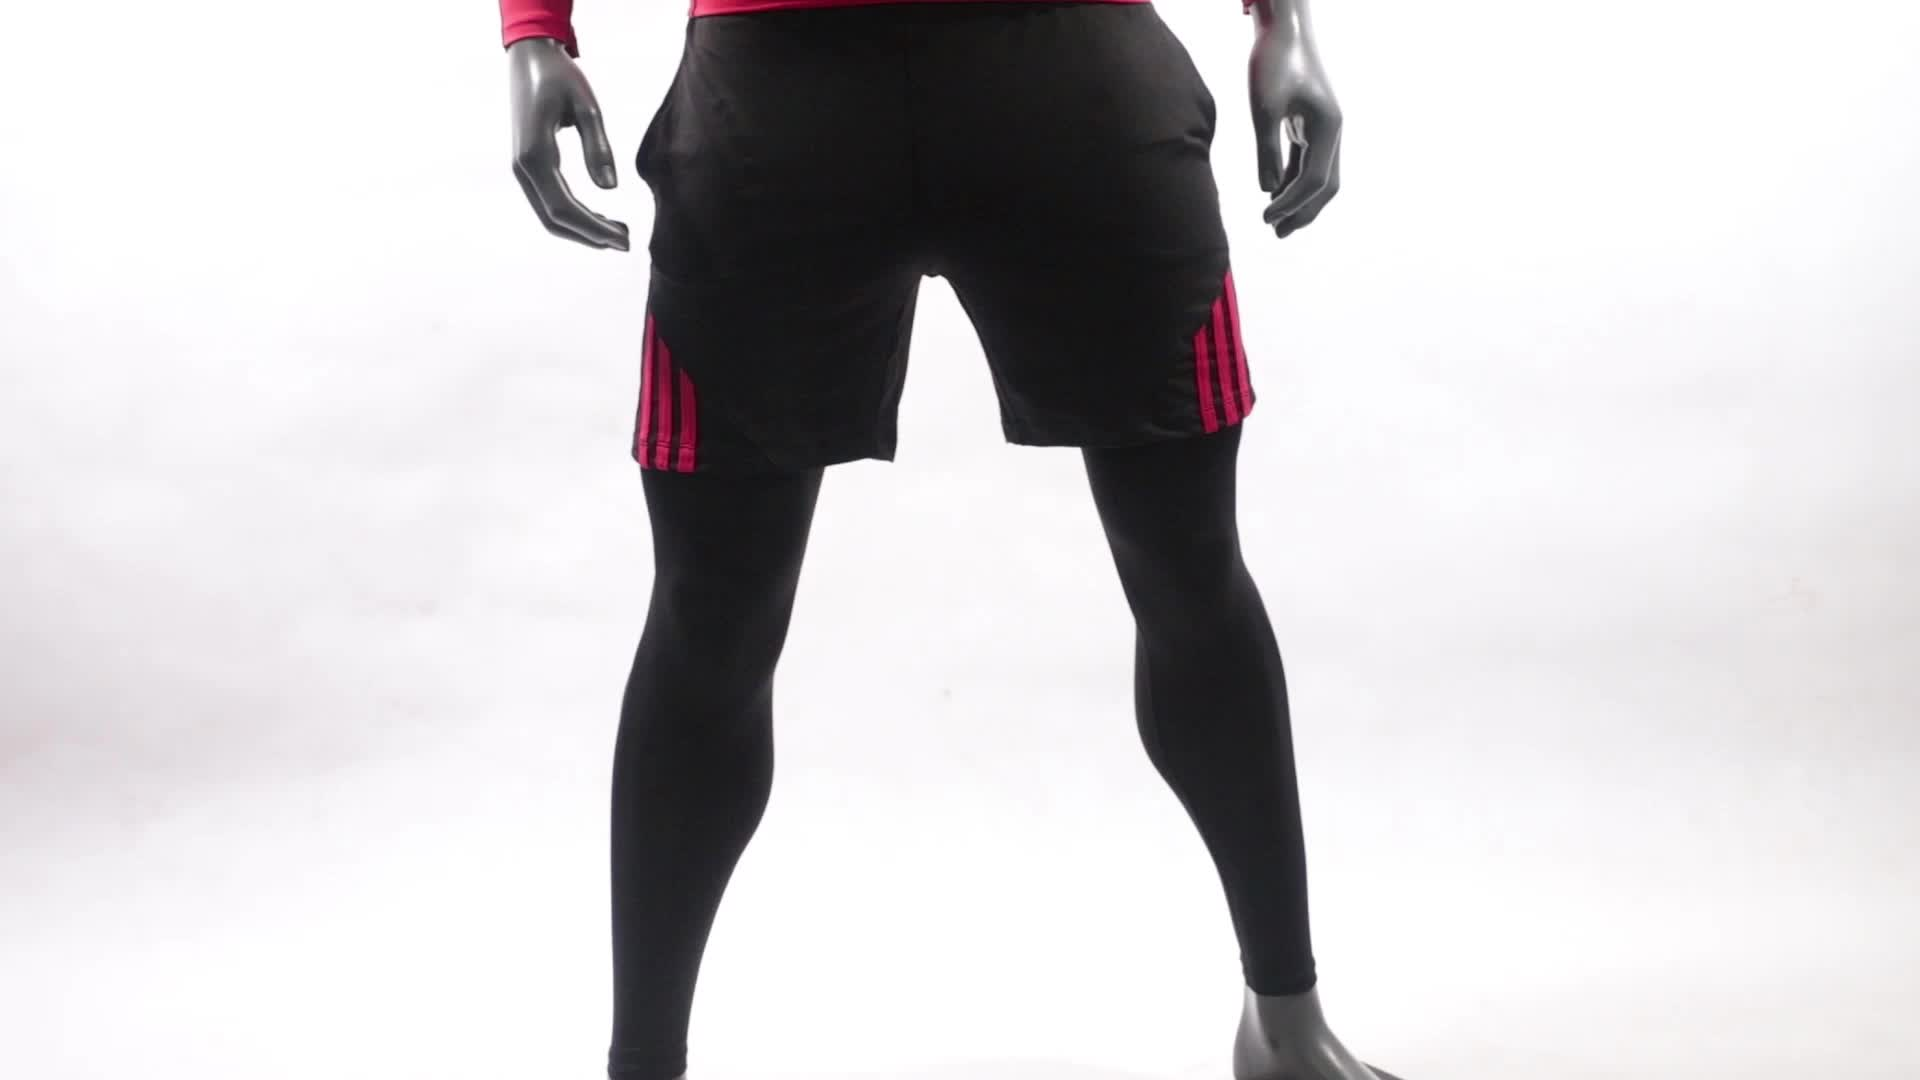 Großhandel preise Hohe qualität kompression mens yoga hosen benutzerdefinierte turnhalle tragen yoga leggings für fitness sportswear